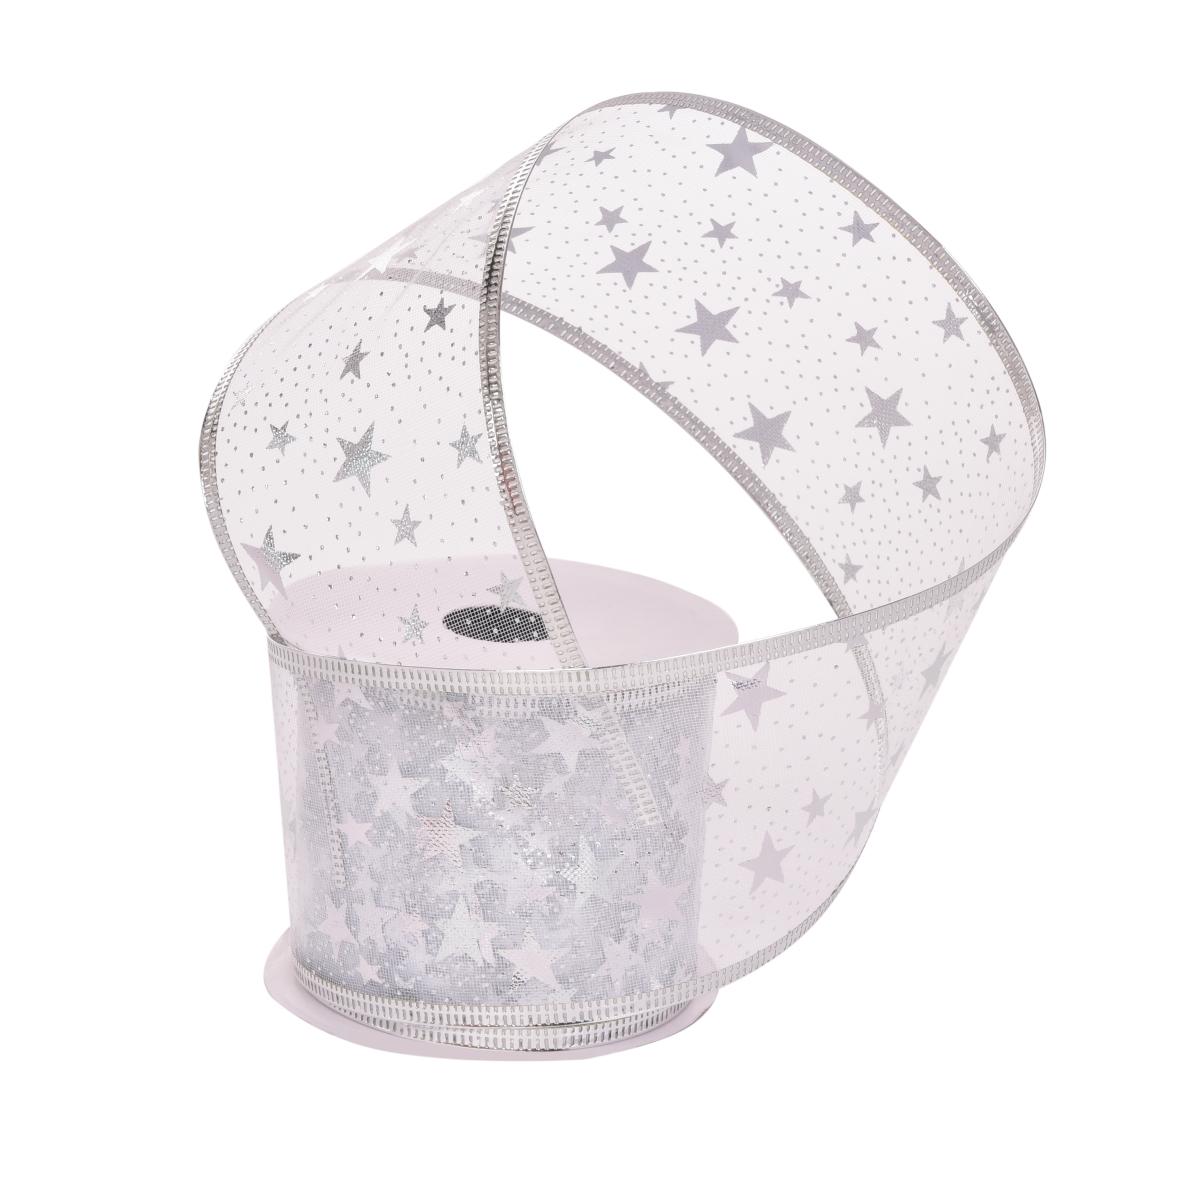 Dárková dekorační síťovaná stuha  stříbrná s hvězdami